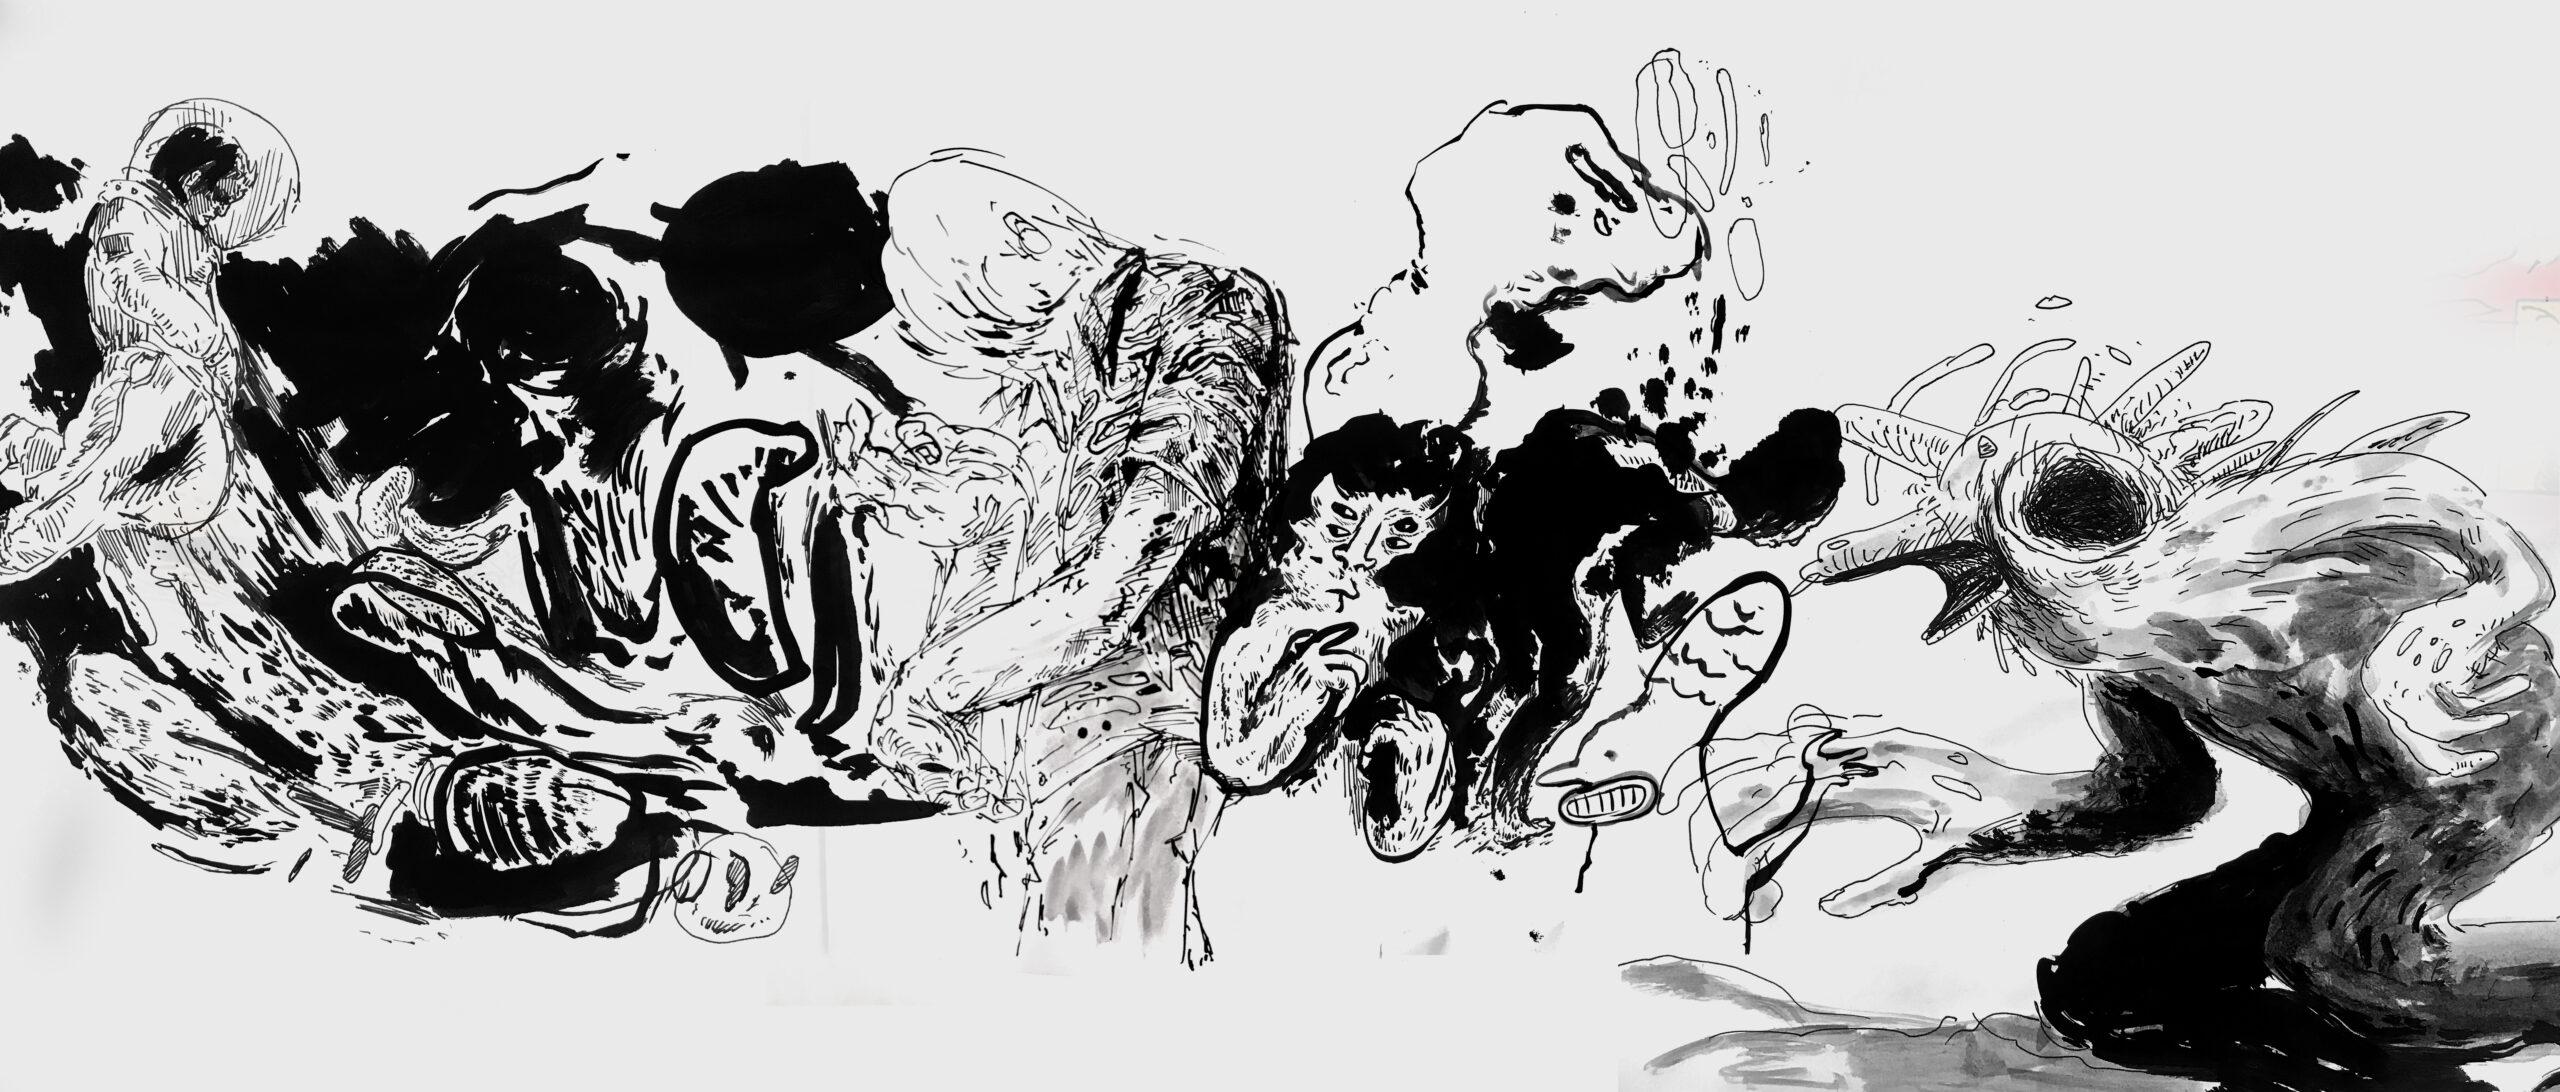 Disegnare per conoscersi e decifrarsi | Intervista ad Antonio Nautilo